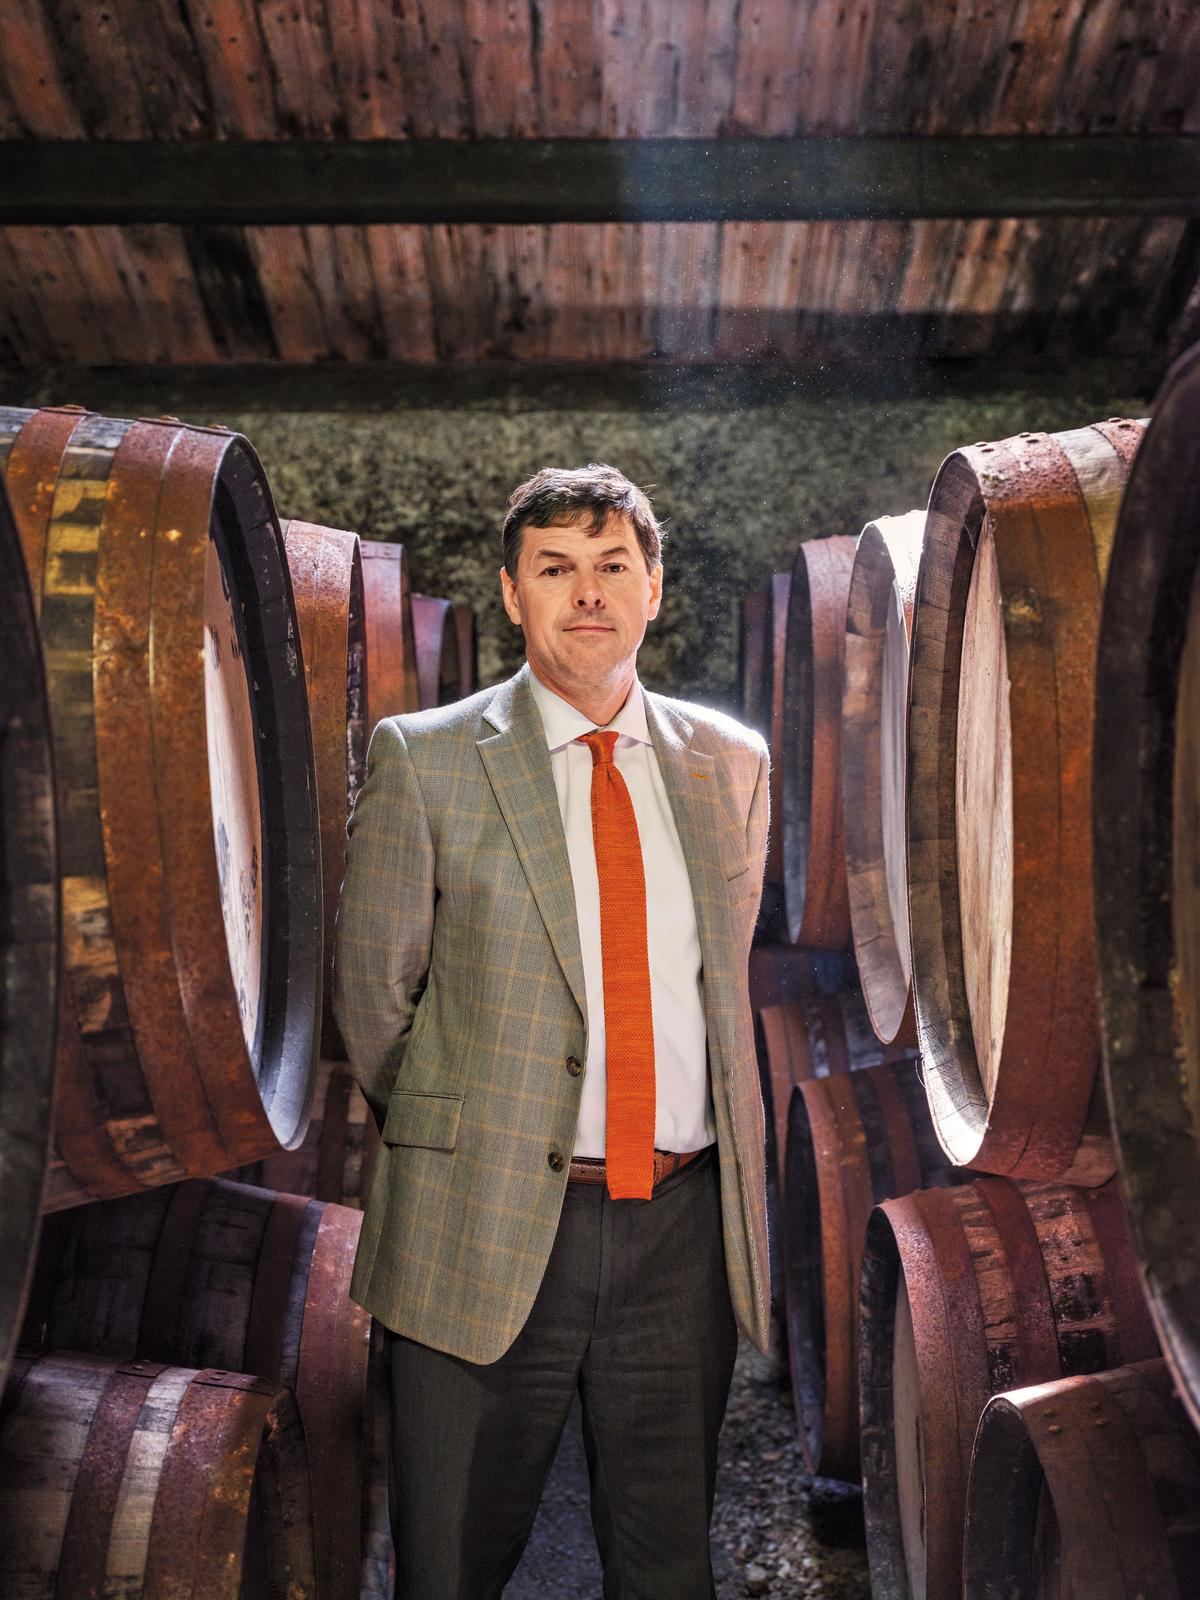 比爾・梁斯敦博士對橡木桶進行了深入的研究與實驗,找出最適合格蘭傑酒款的「設計師橡木桶」。